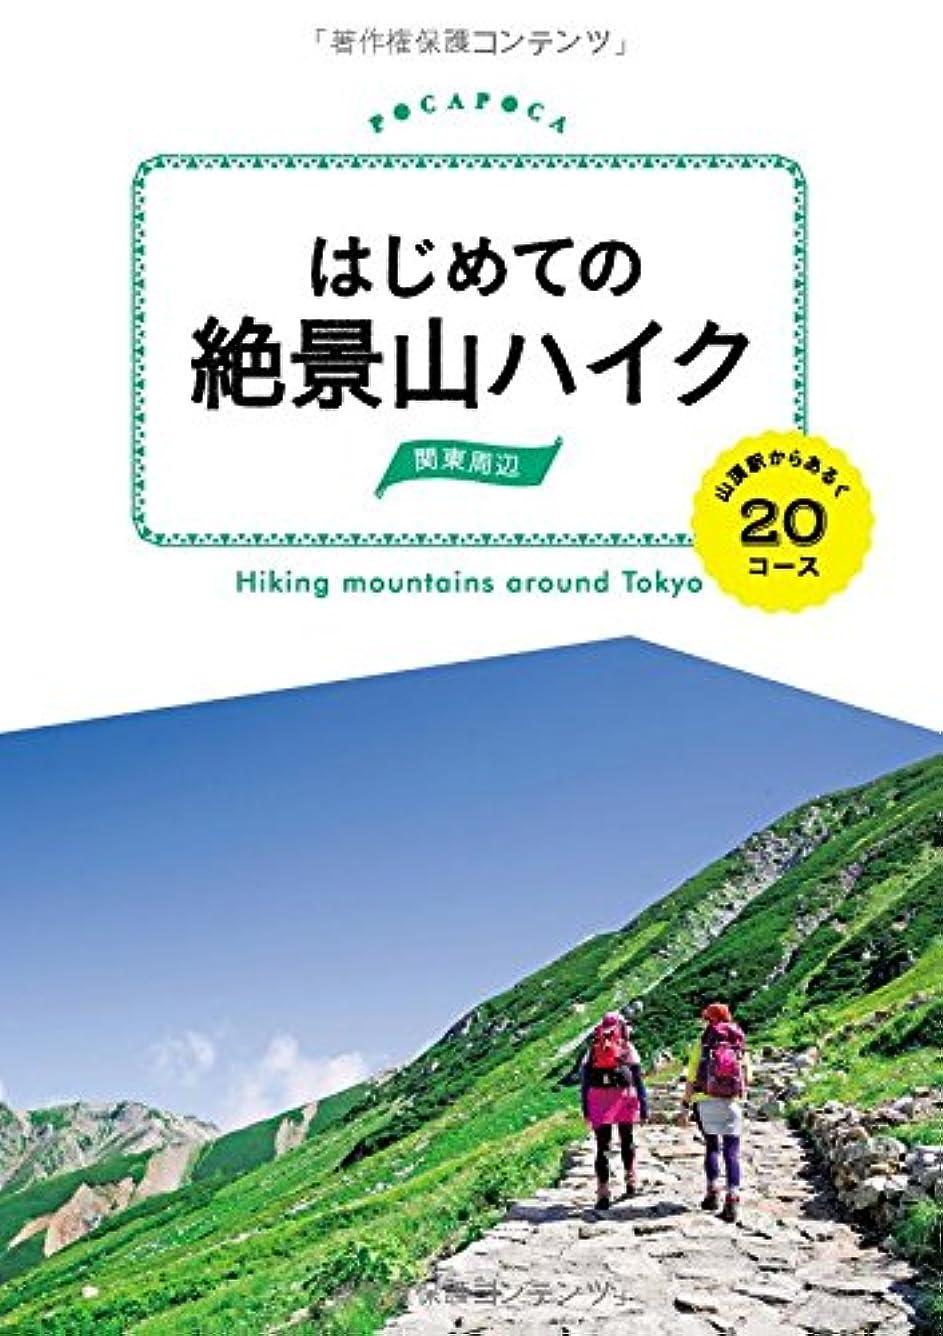 サスペンションバリケード発動機はじめての絶景山ハイク 関東周辺 山頂駅からあるく20コース (諸ガイド)